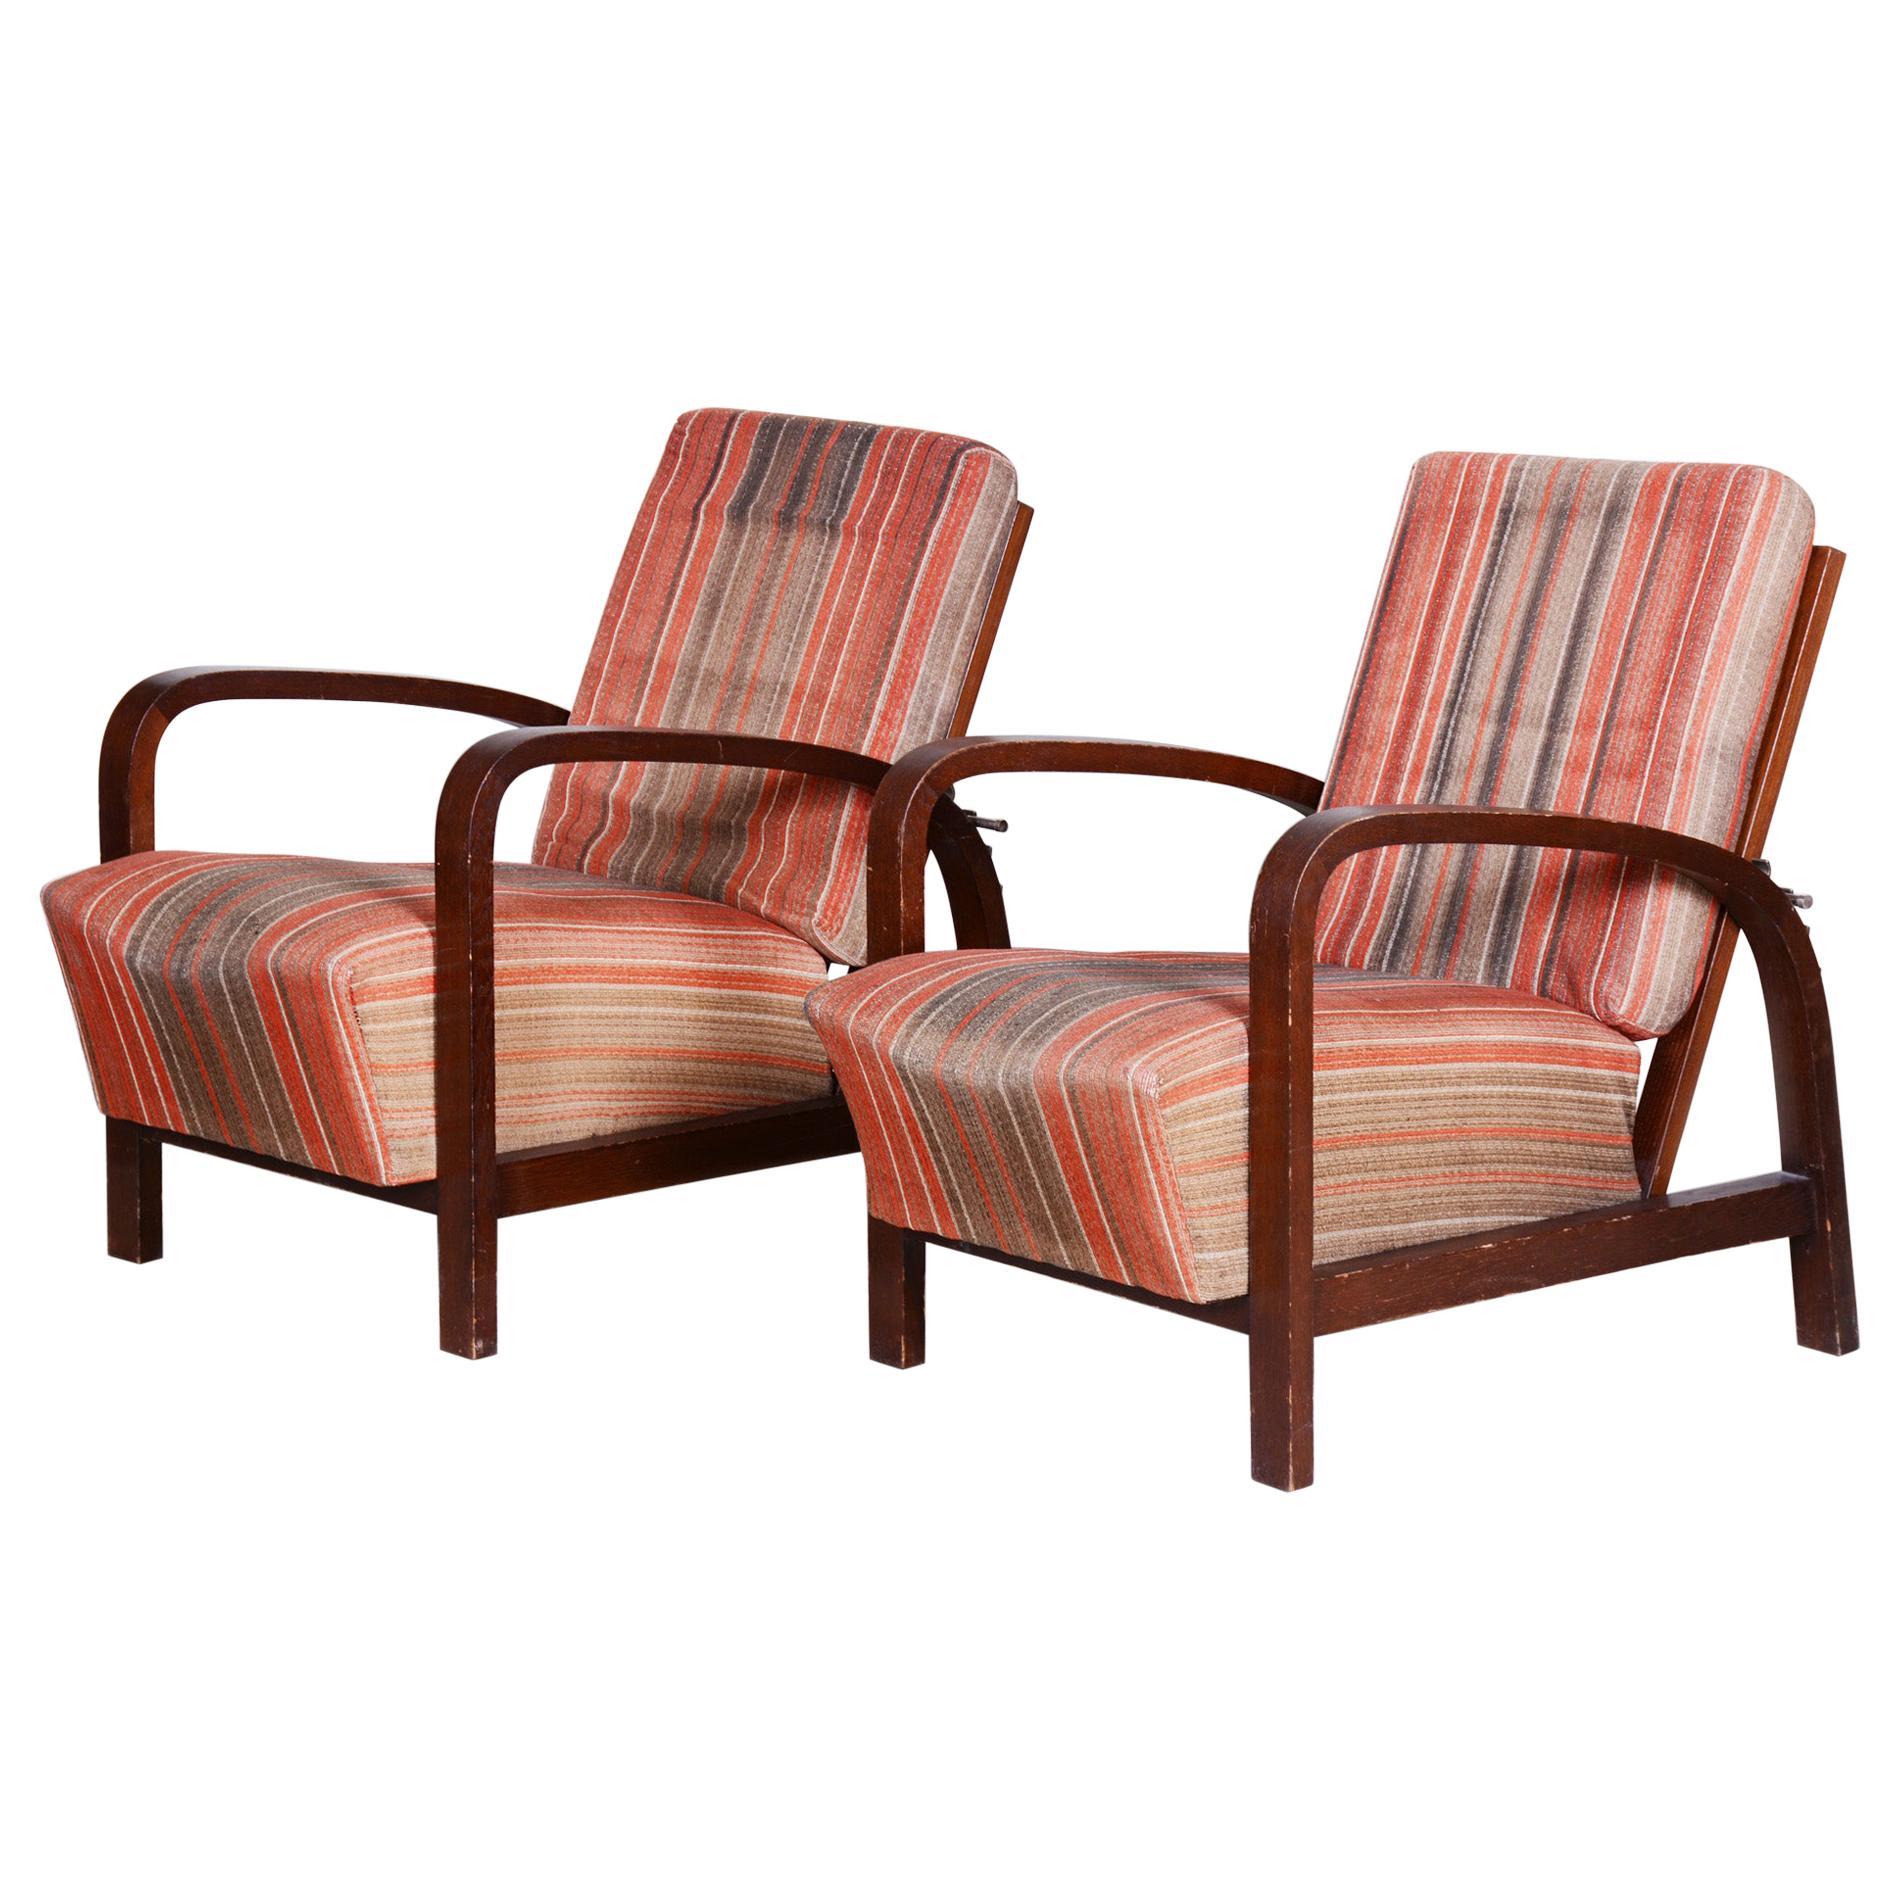 Czech Art Deco Oak Armchairs 1930s, Original Well Preserved Condition